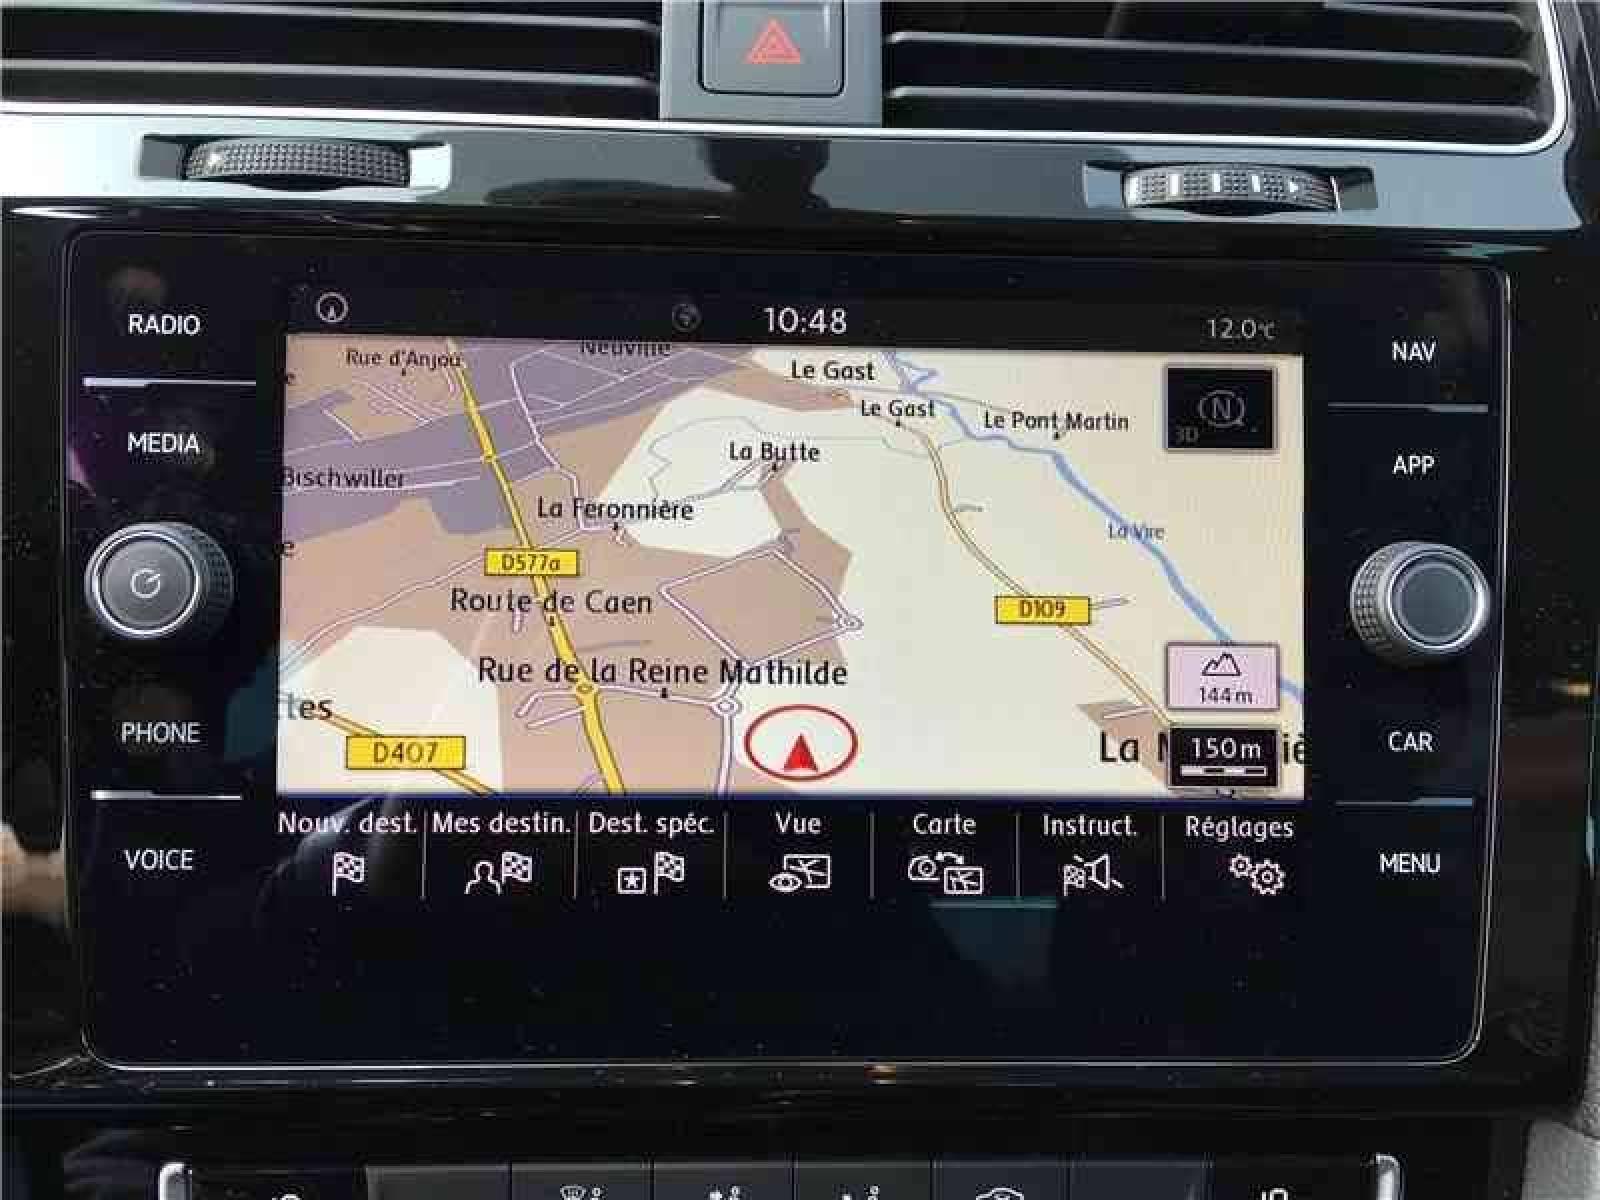 VOLKSWAGEN Golf 1.6 TDI 115 FAP BVM5 - véhicule d'occasion - LEMAUVIEL AUTOMOBILES - Présentation site web V2 - Lemauviel Automobiles - VIRE - 14500 - VIRE - 13